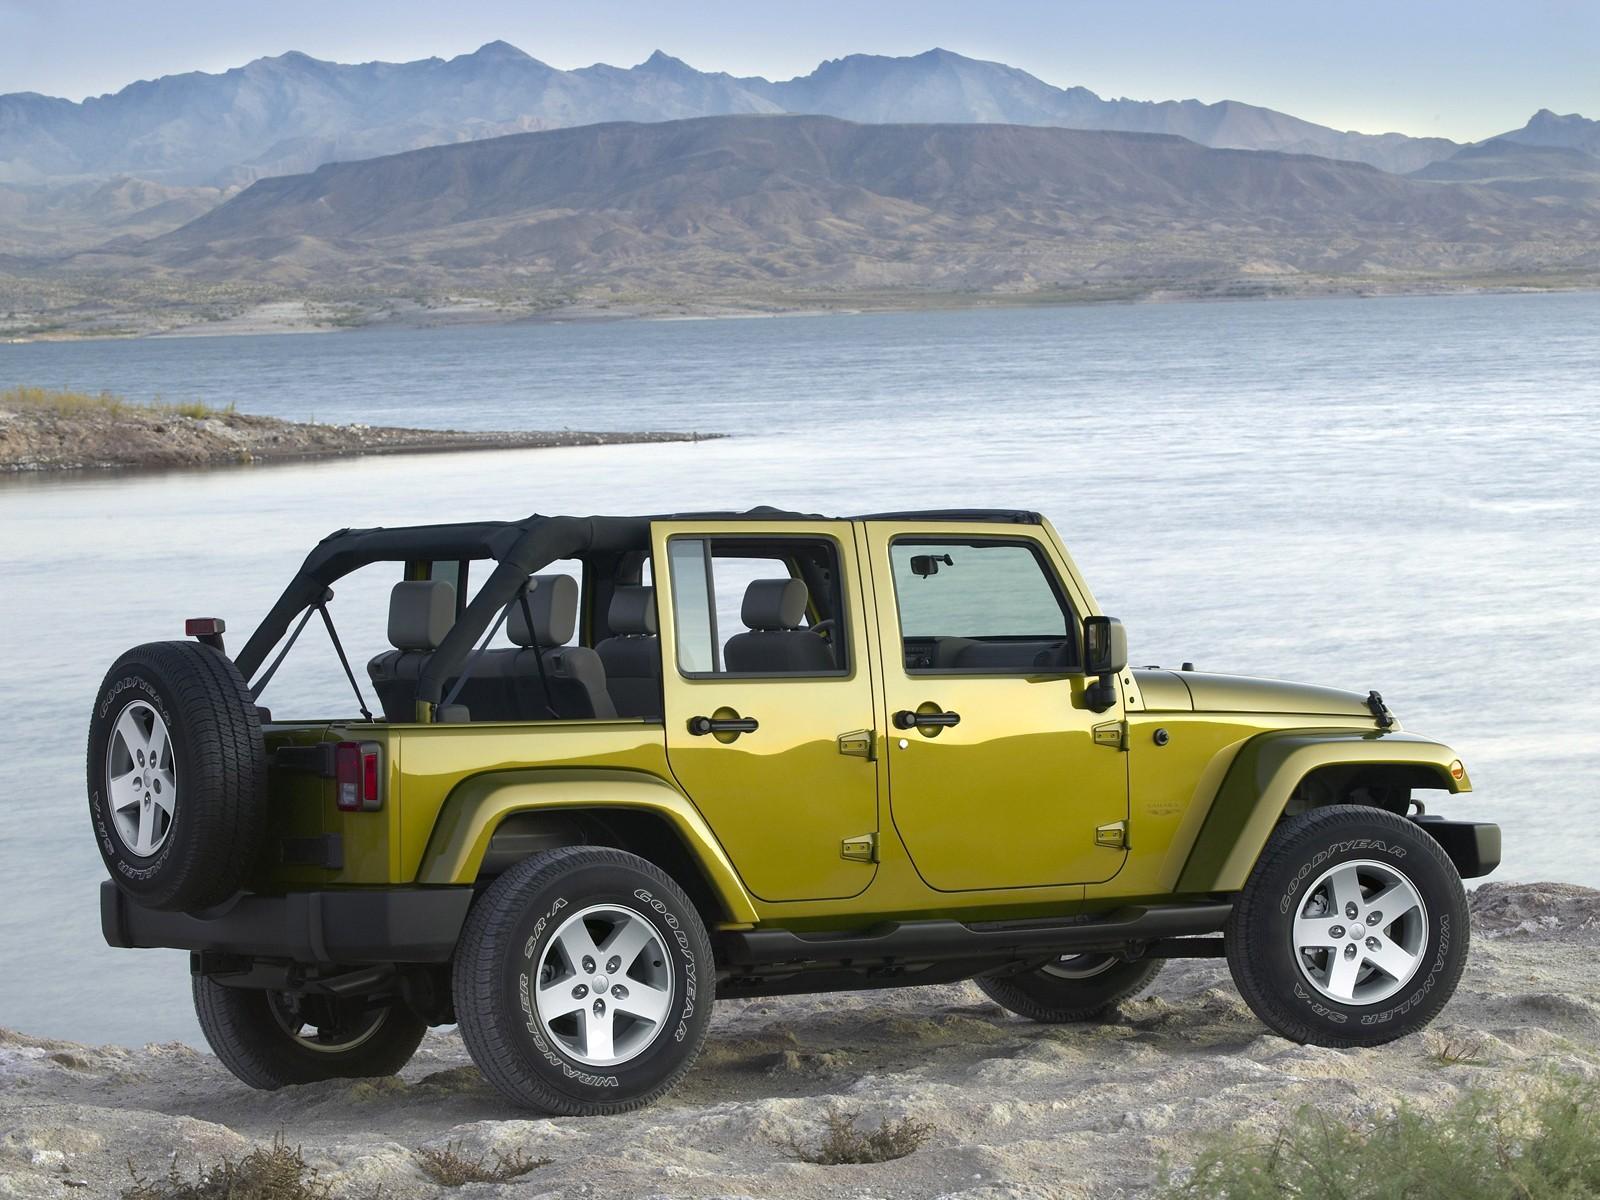 http://4.bp.blogspot.com/-rNGsc4g6iNc/T89bLLtSKKI/AAAAAAAAA98/skYnv17-i1Y/s1600/jeep-wrangler-unlimited-08.jpg